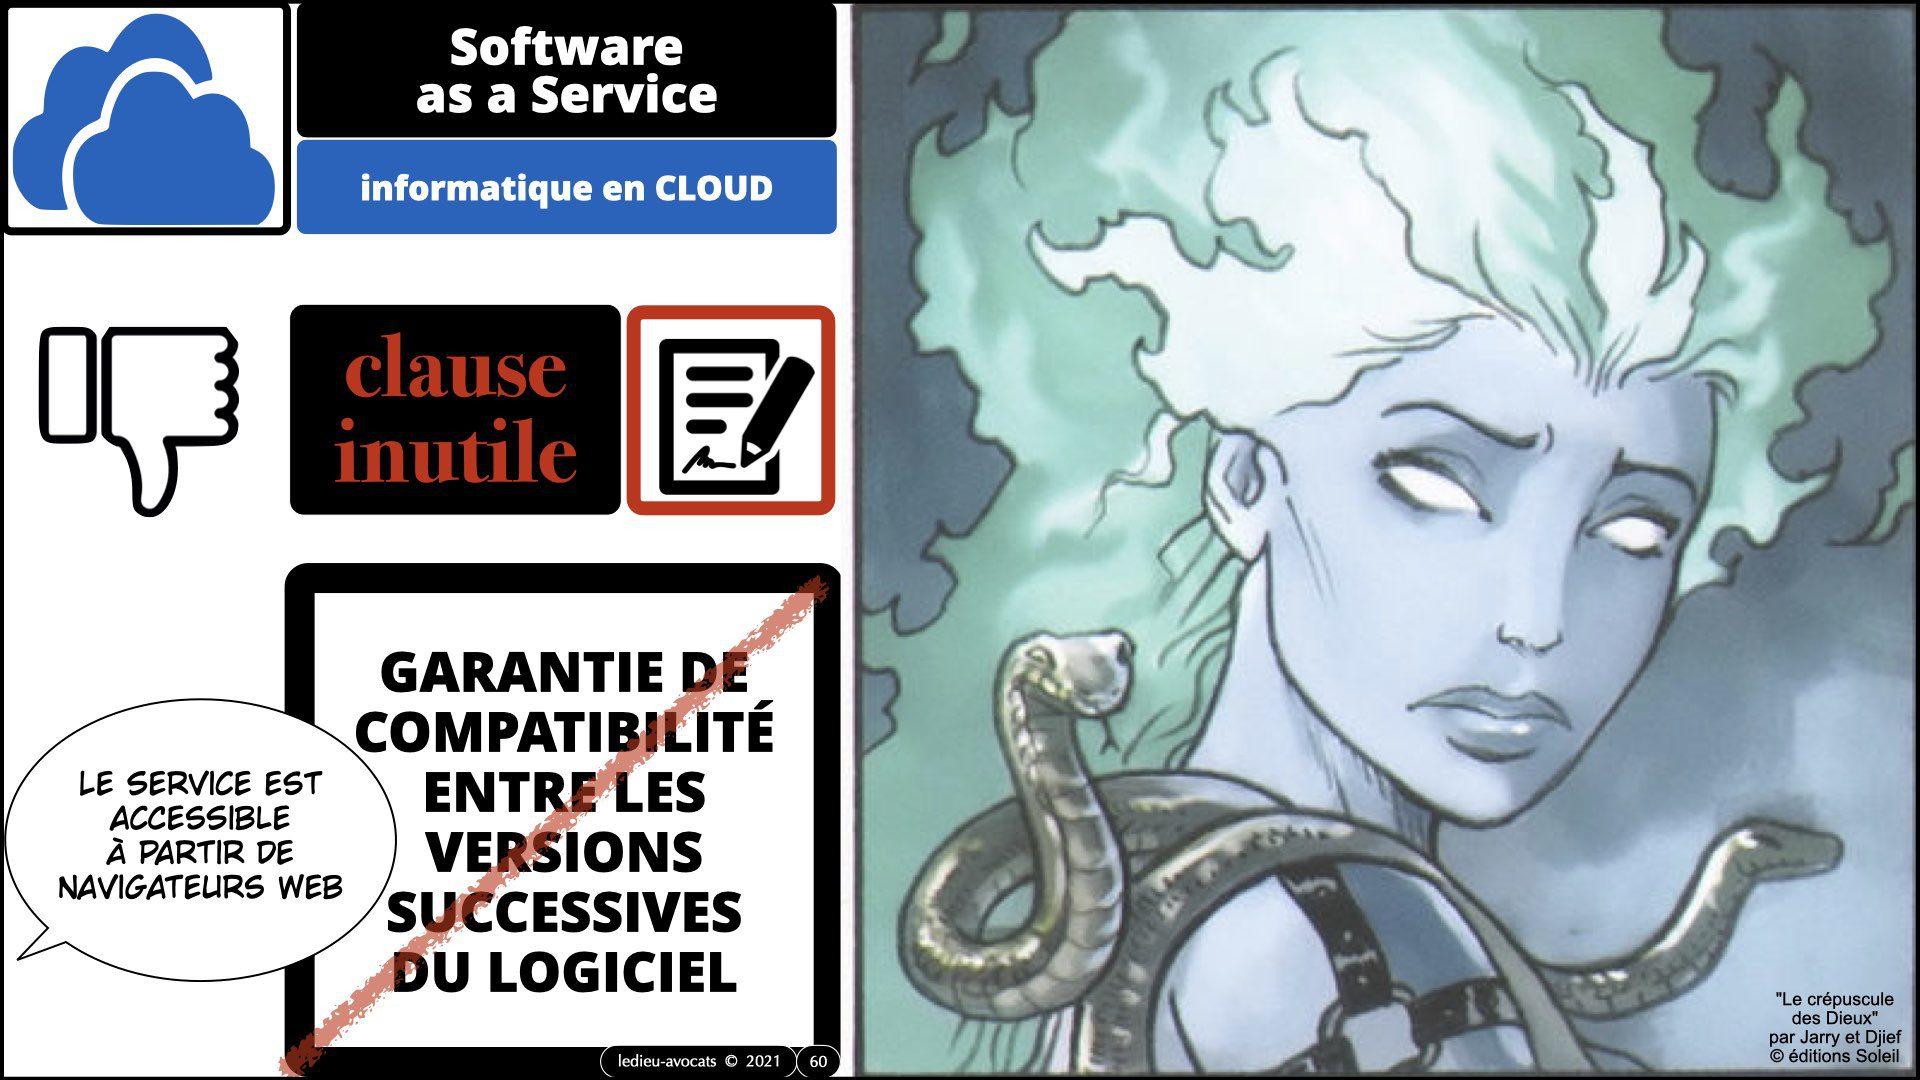 343 service LOGICIEL SaaS Software-as-a-Service cloud computing © Ledieu-Avocats technique droit numerique 30-08-2021.060